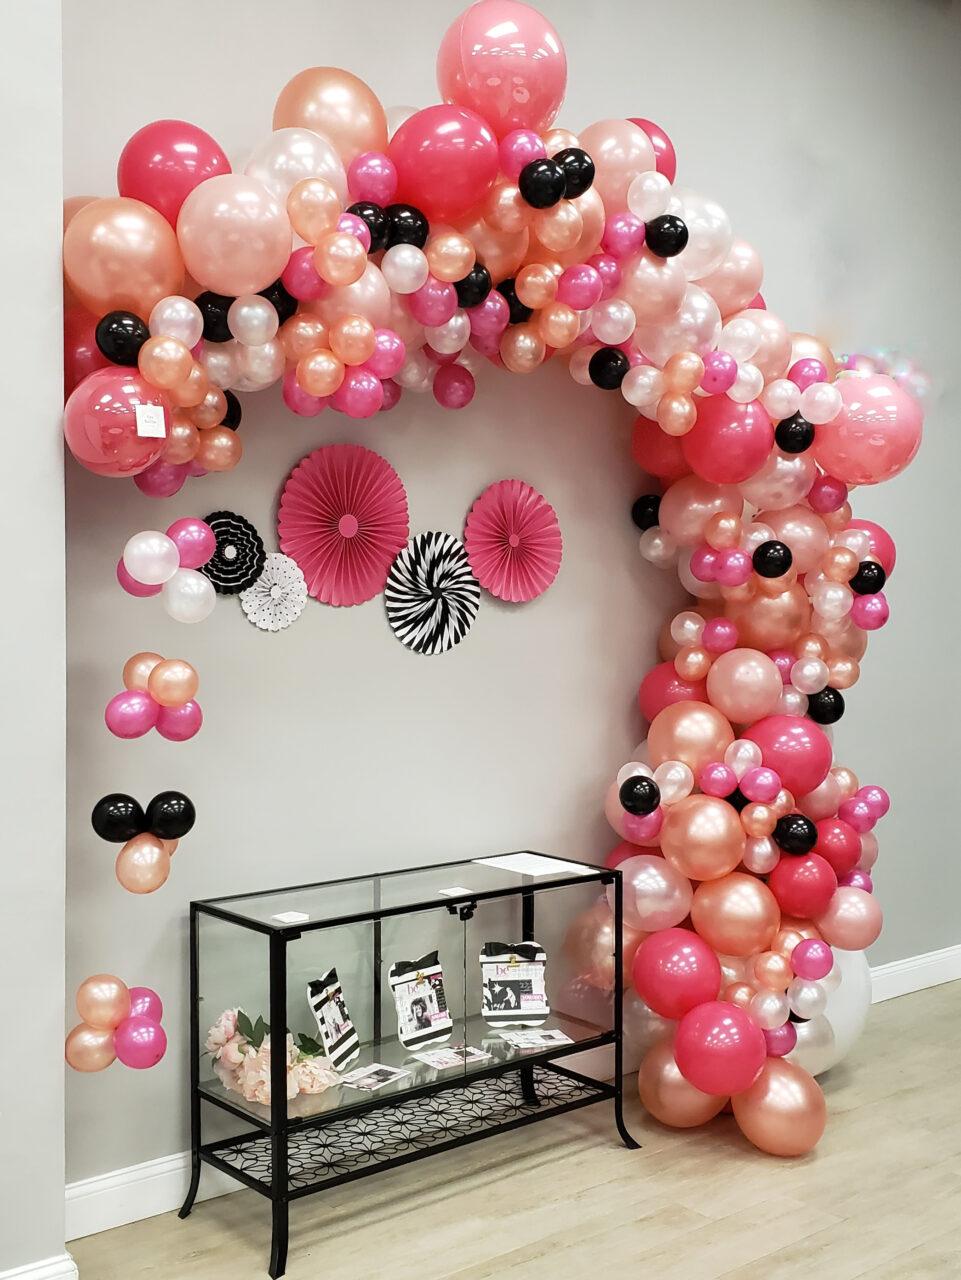 Pearl Finish Garland eroballoon.com Decorations Miami